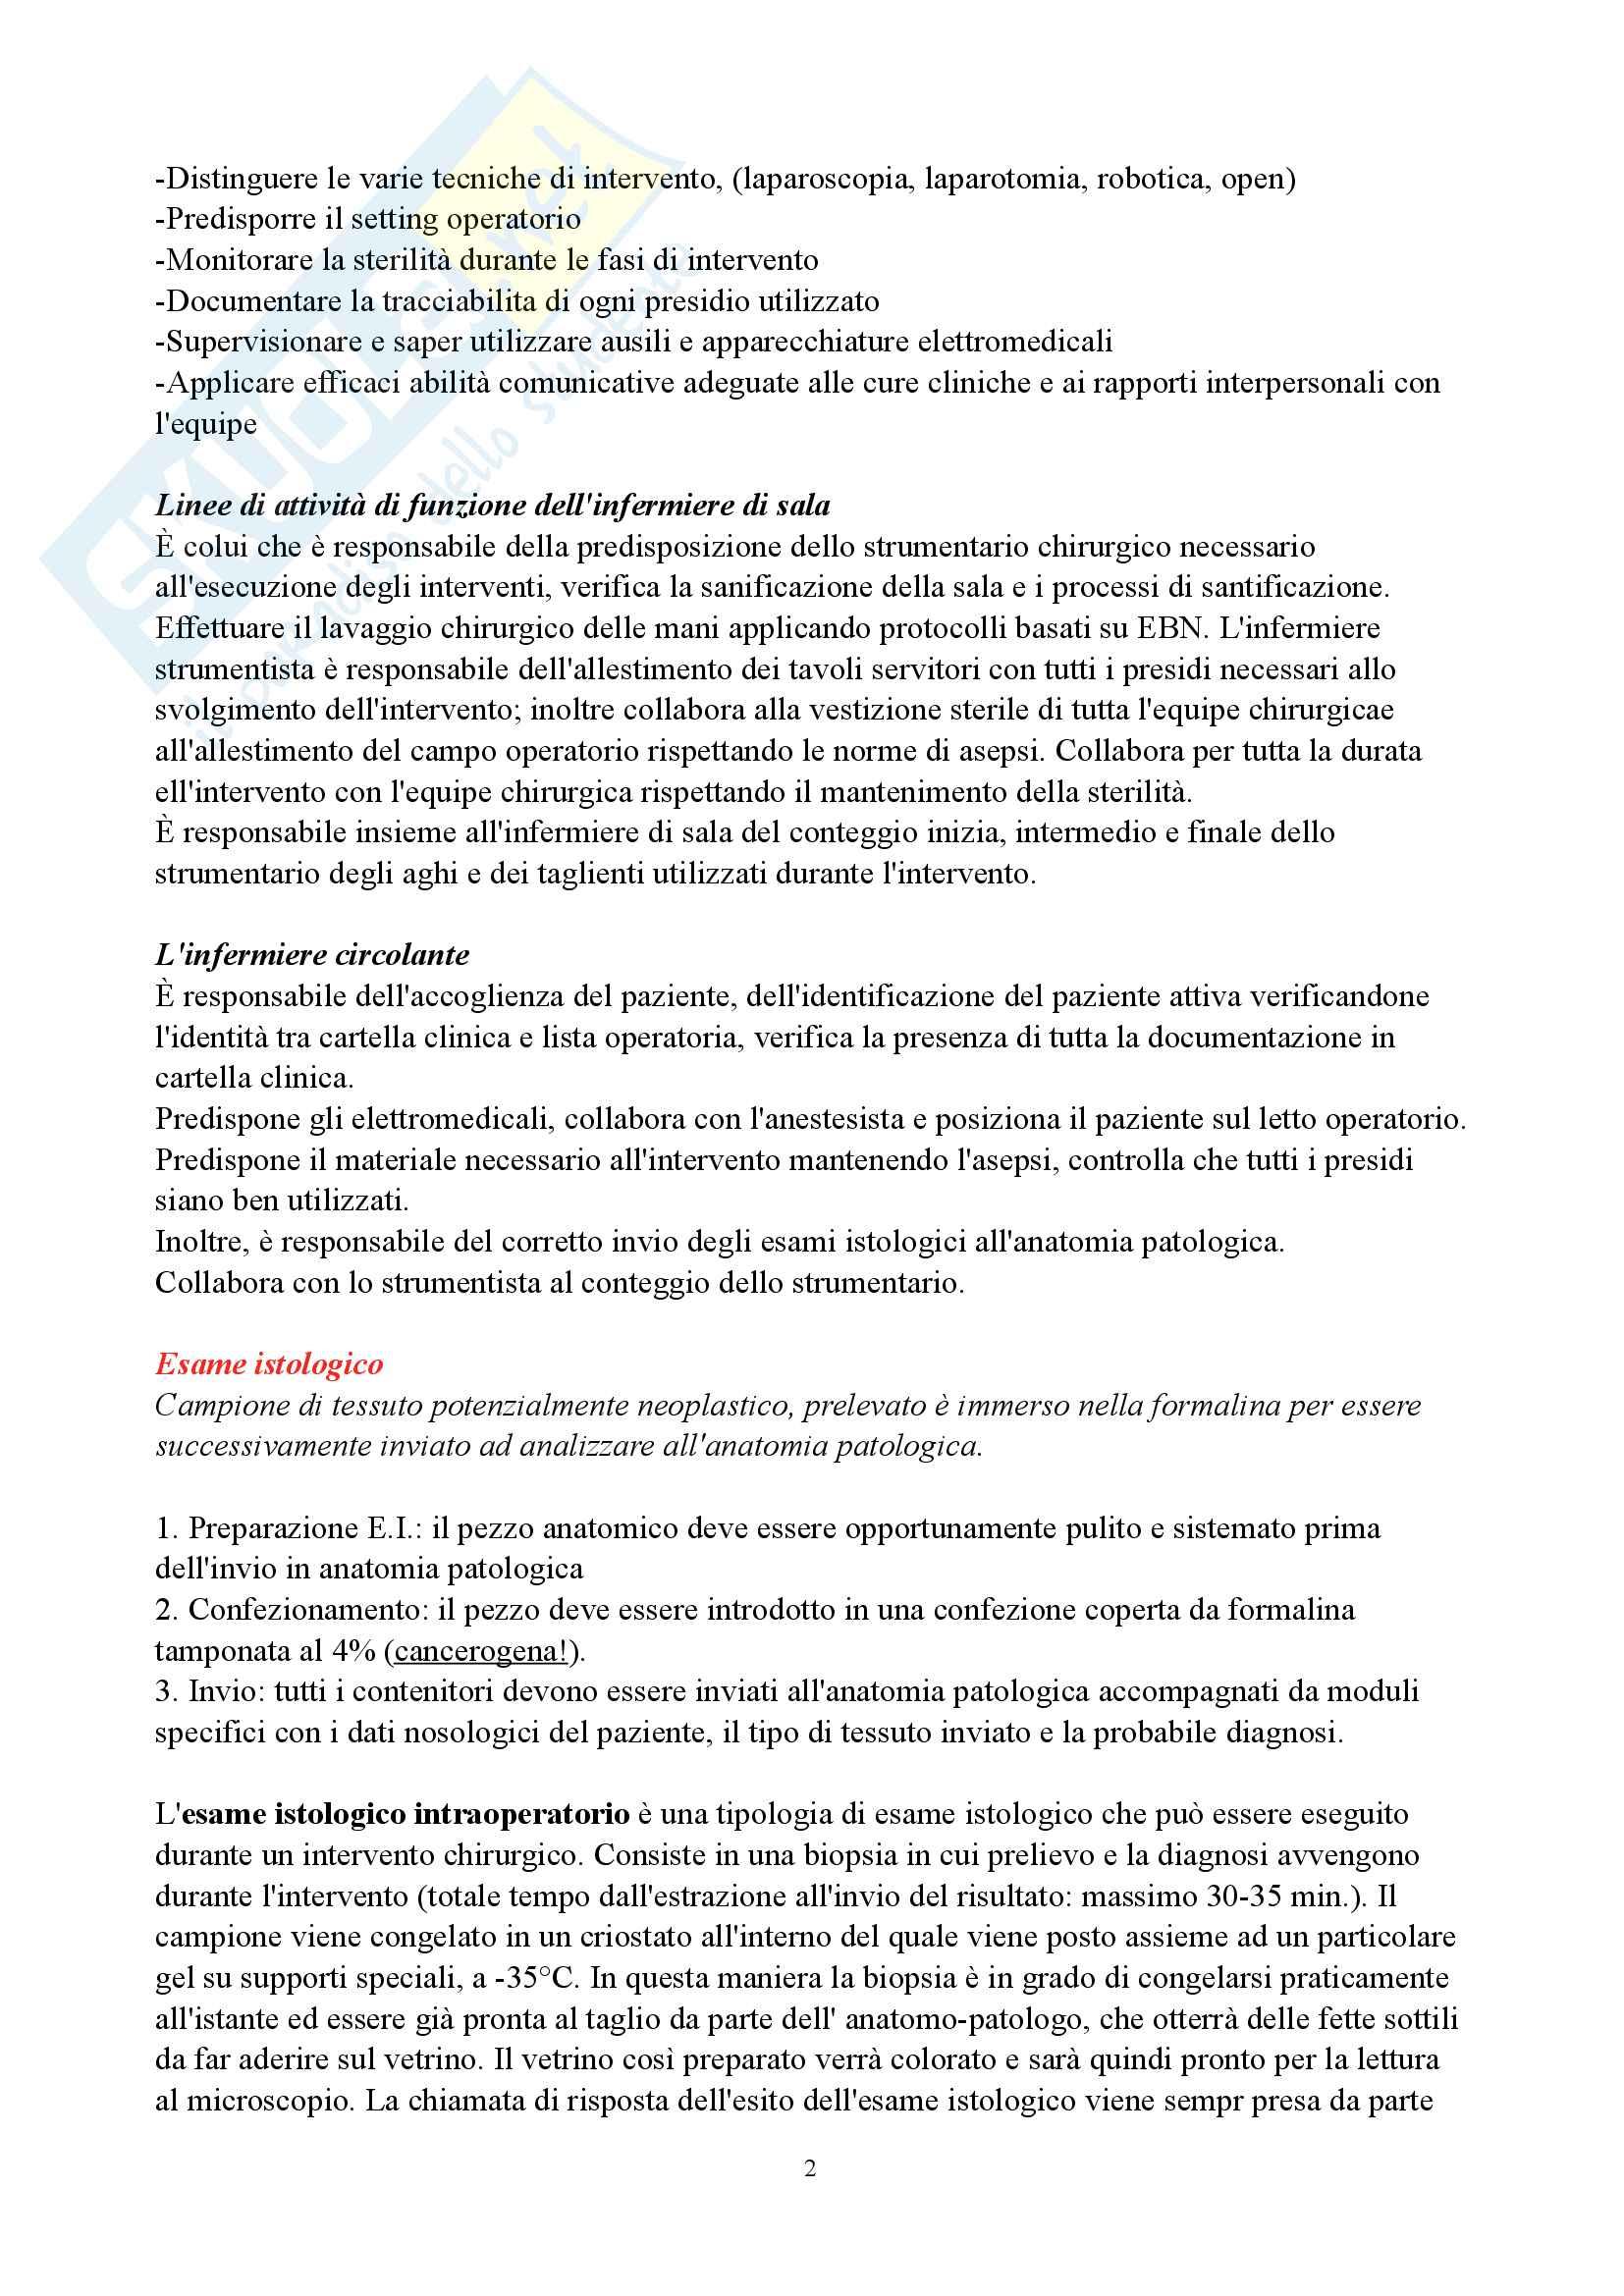 Infermieristica Chirurgica-Appunti Completi Pag. 2